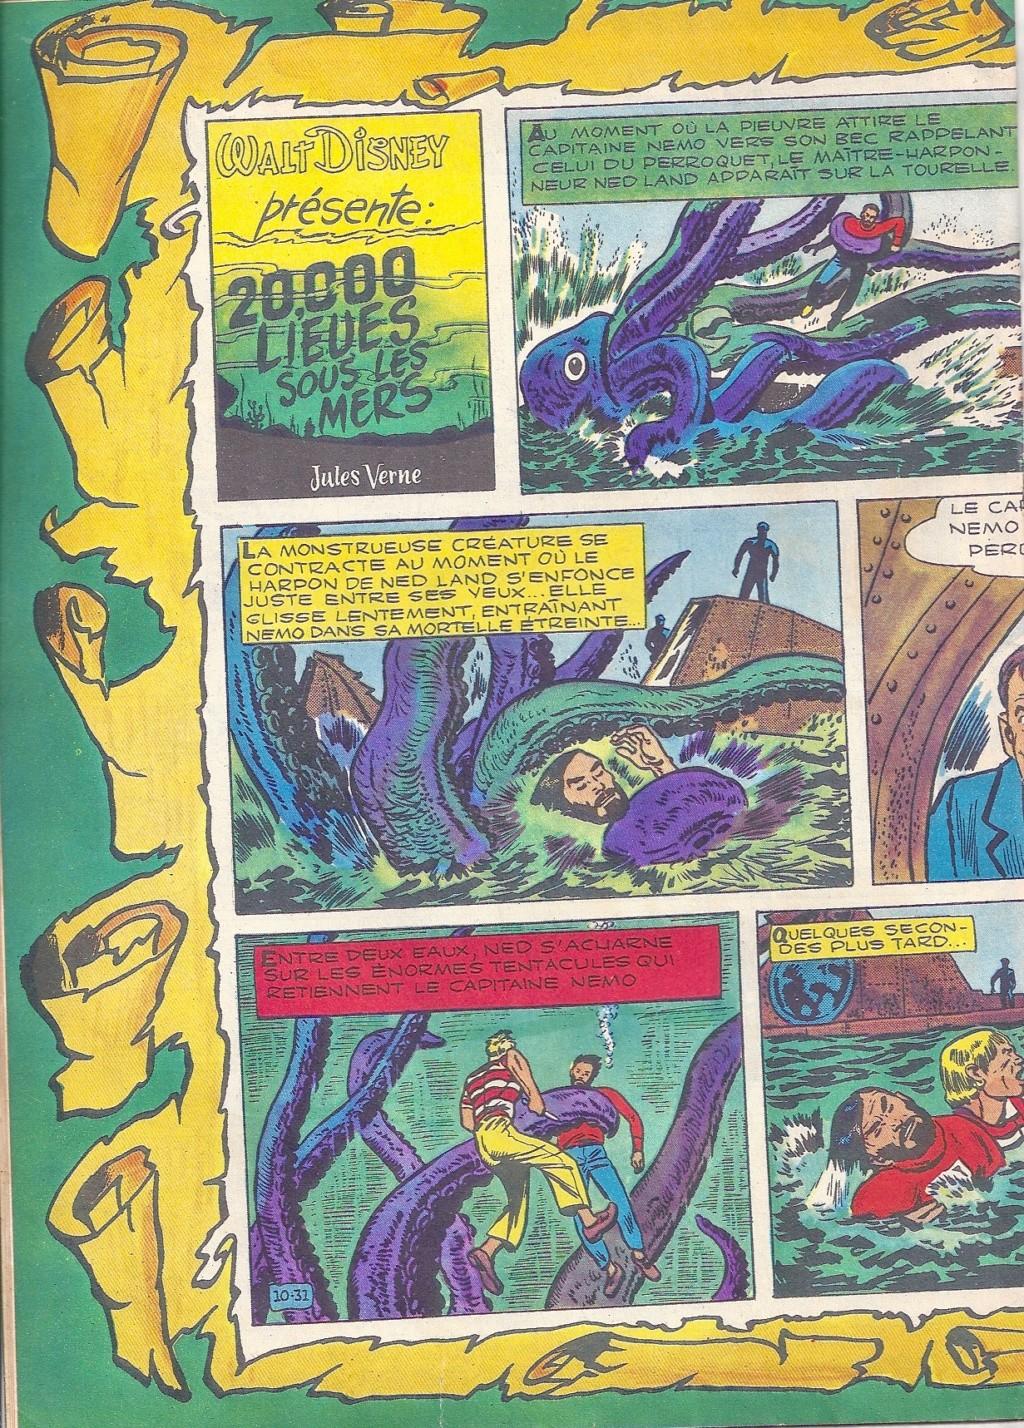 [Bandes dessinées] Jesse March (Davy Crockett, 20 000 Lieues Sous les Mers...) Apf_914